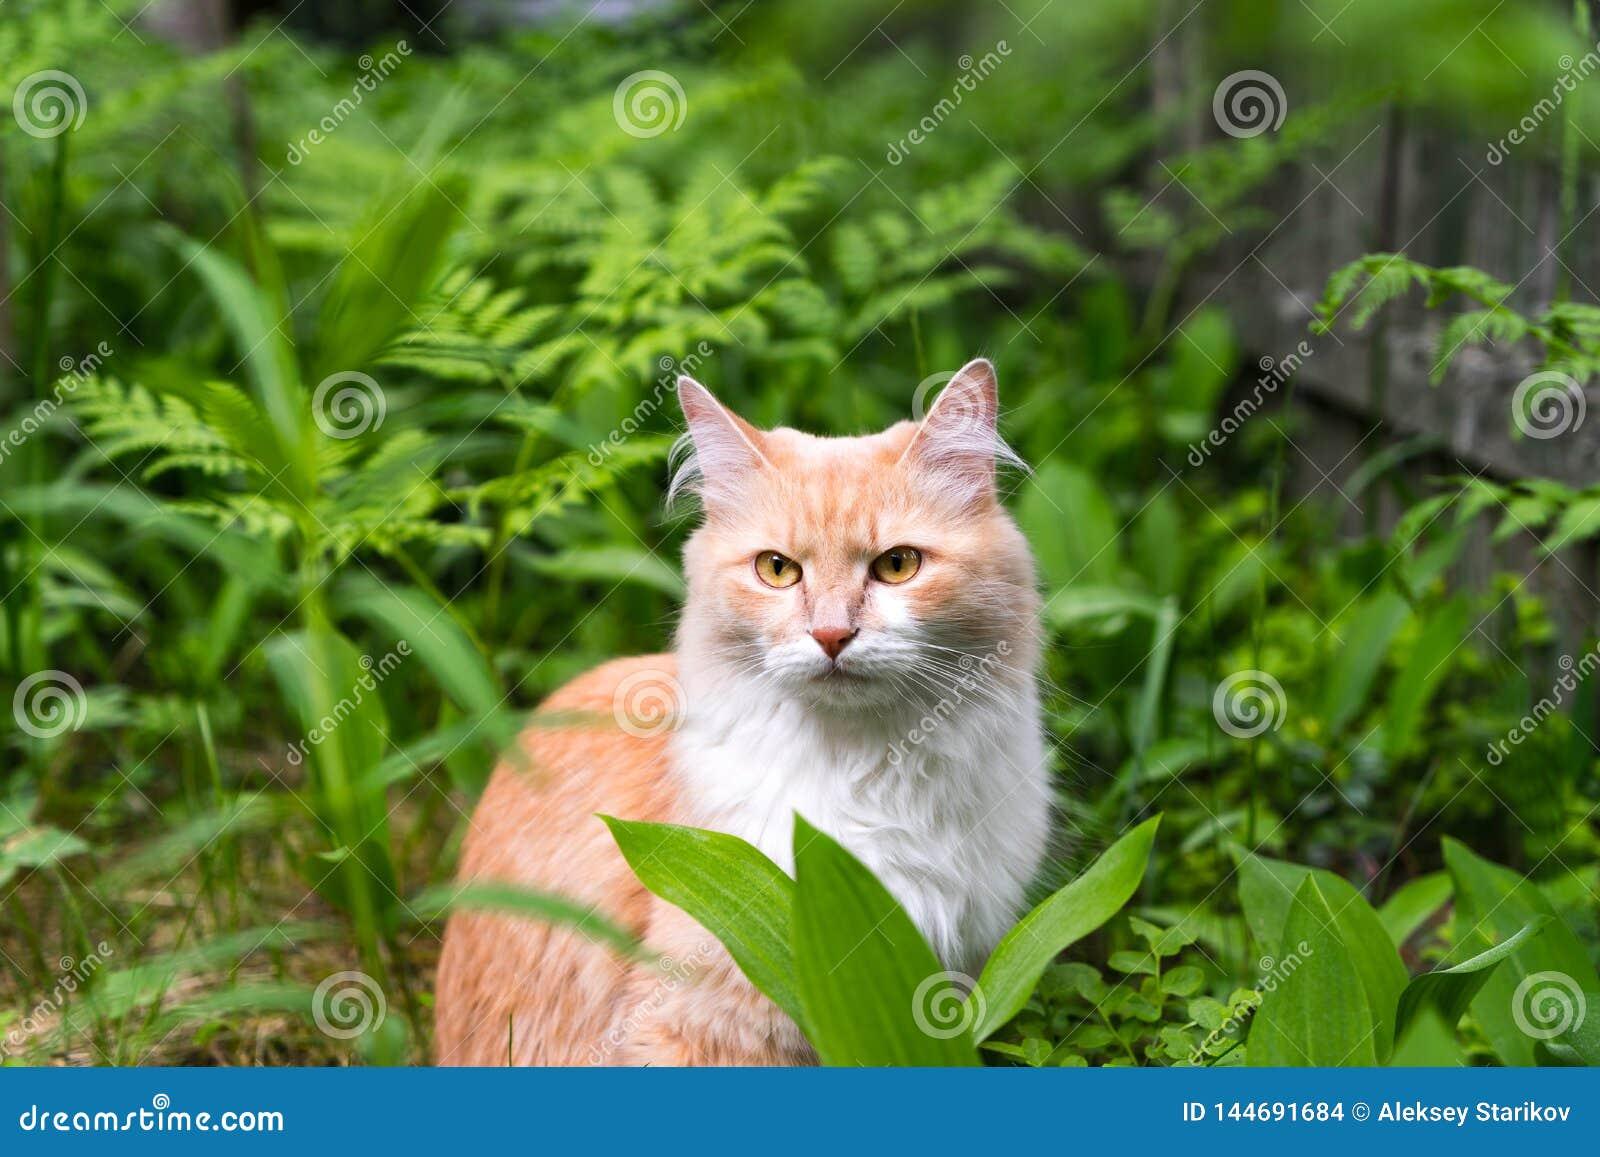 Gatto sull erba, gatto nella foresta